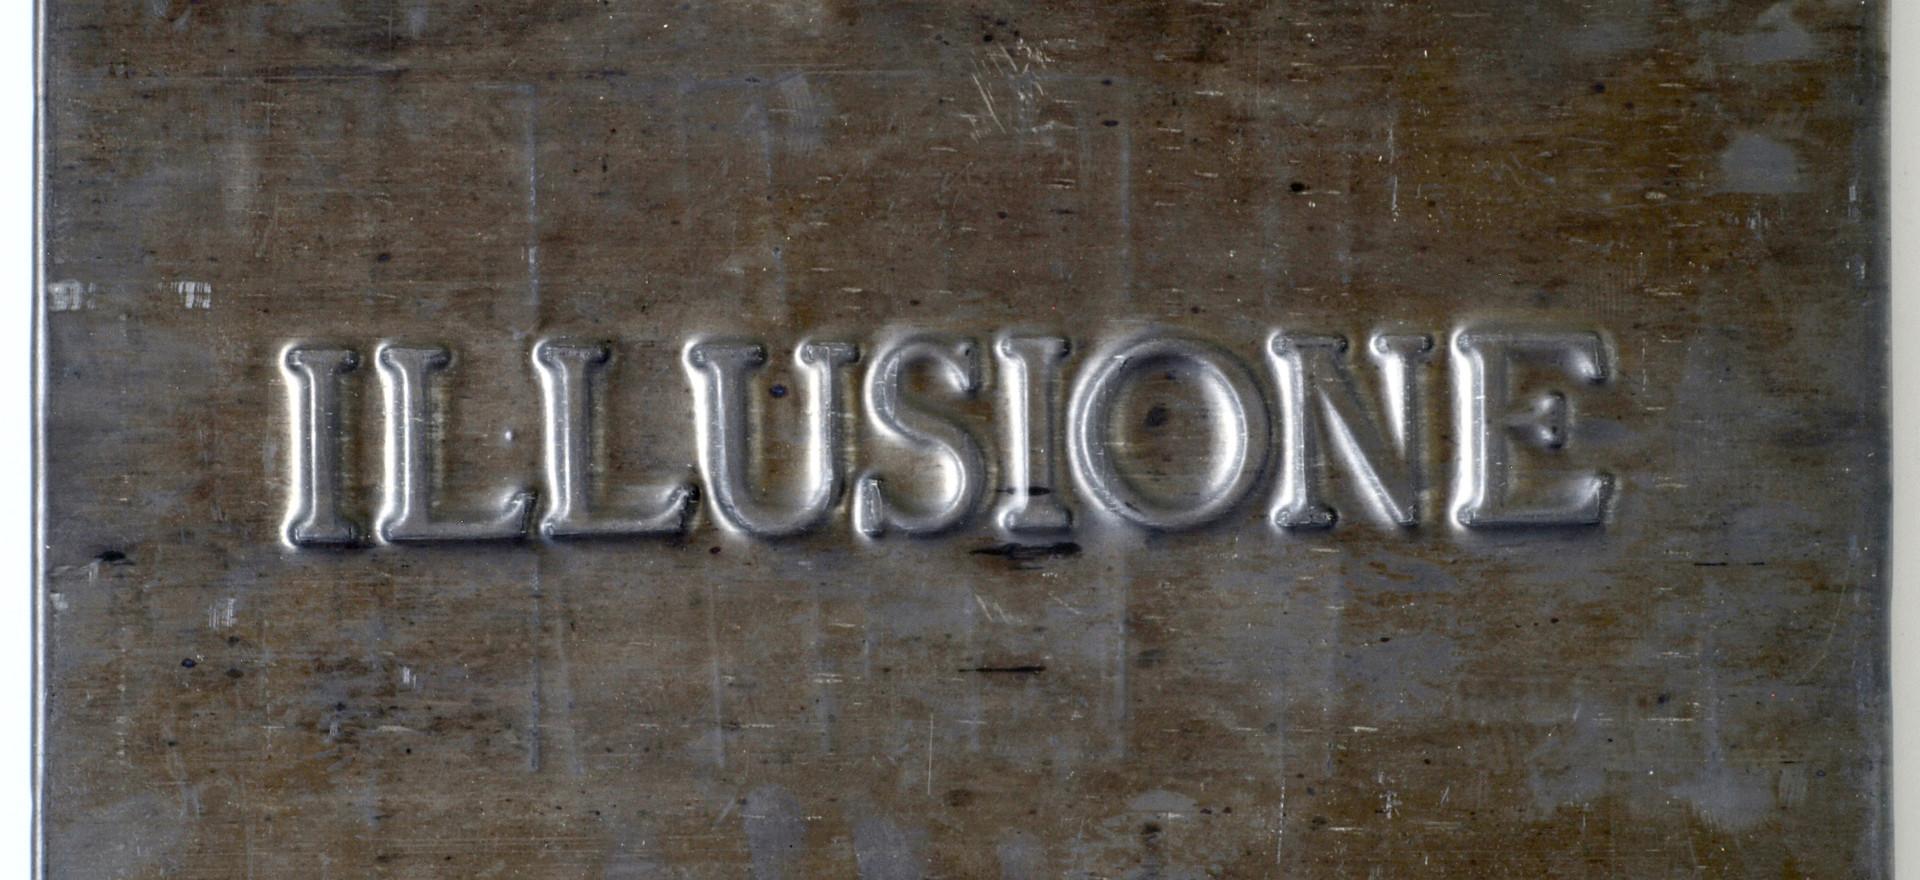 Vittorio Messina, Illusione, 2018, piomb